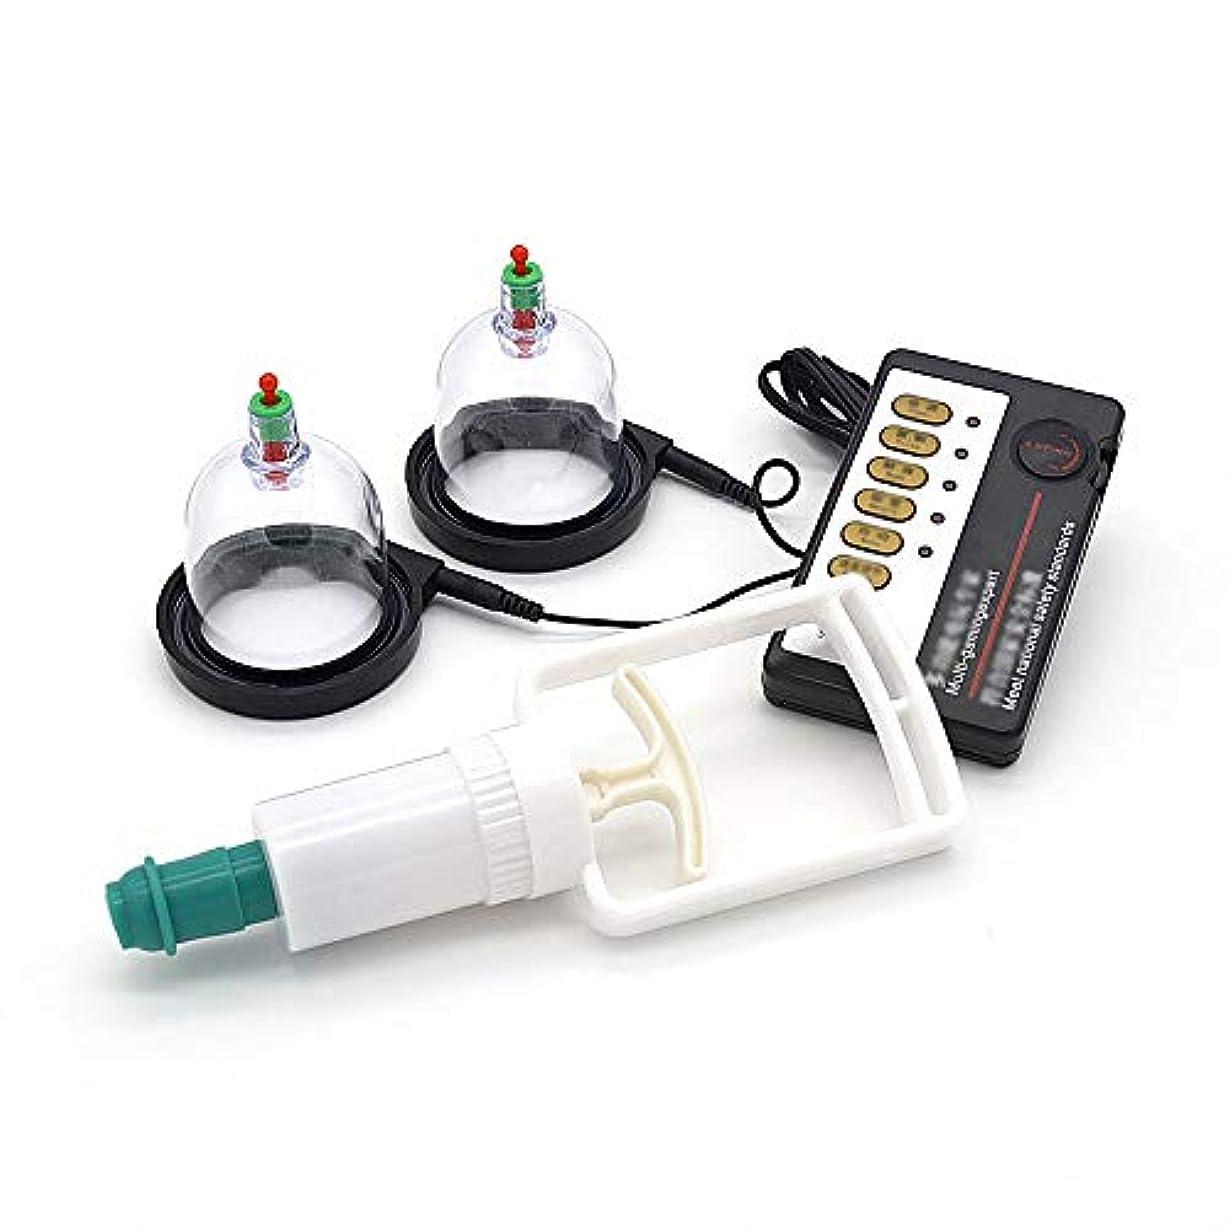 楽しむヒゲ初期のディープ振動マシンをリラックスマッサージ調節可能、乳を保つこと、マッサージ師マッサージ、電気療法は、手で保持方法パンプス筋肉のために母乳ワイヤレス